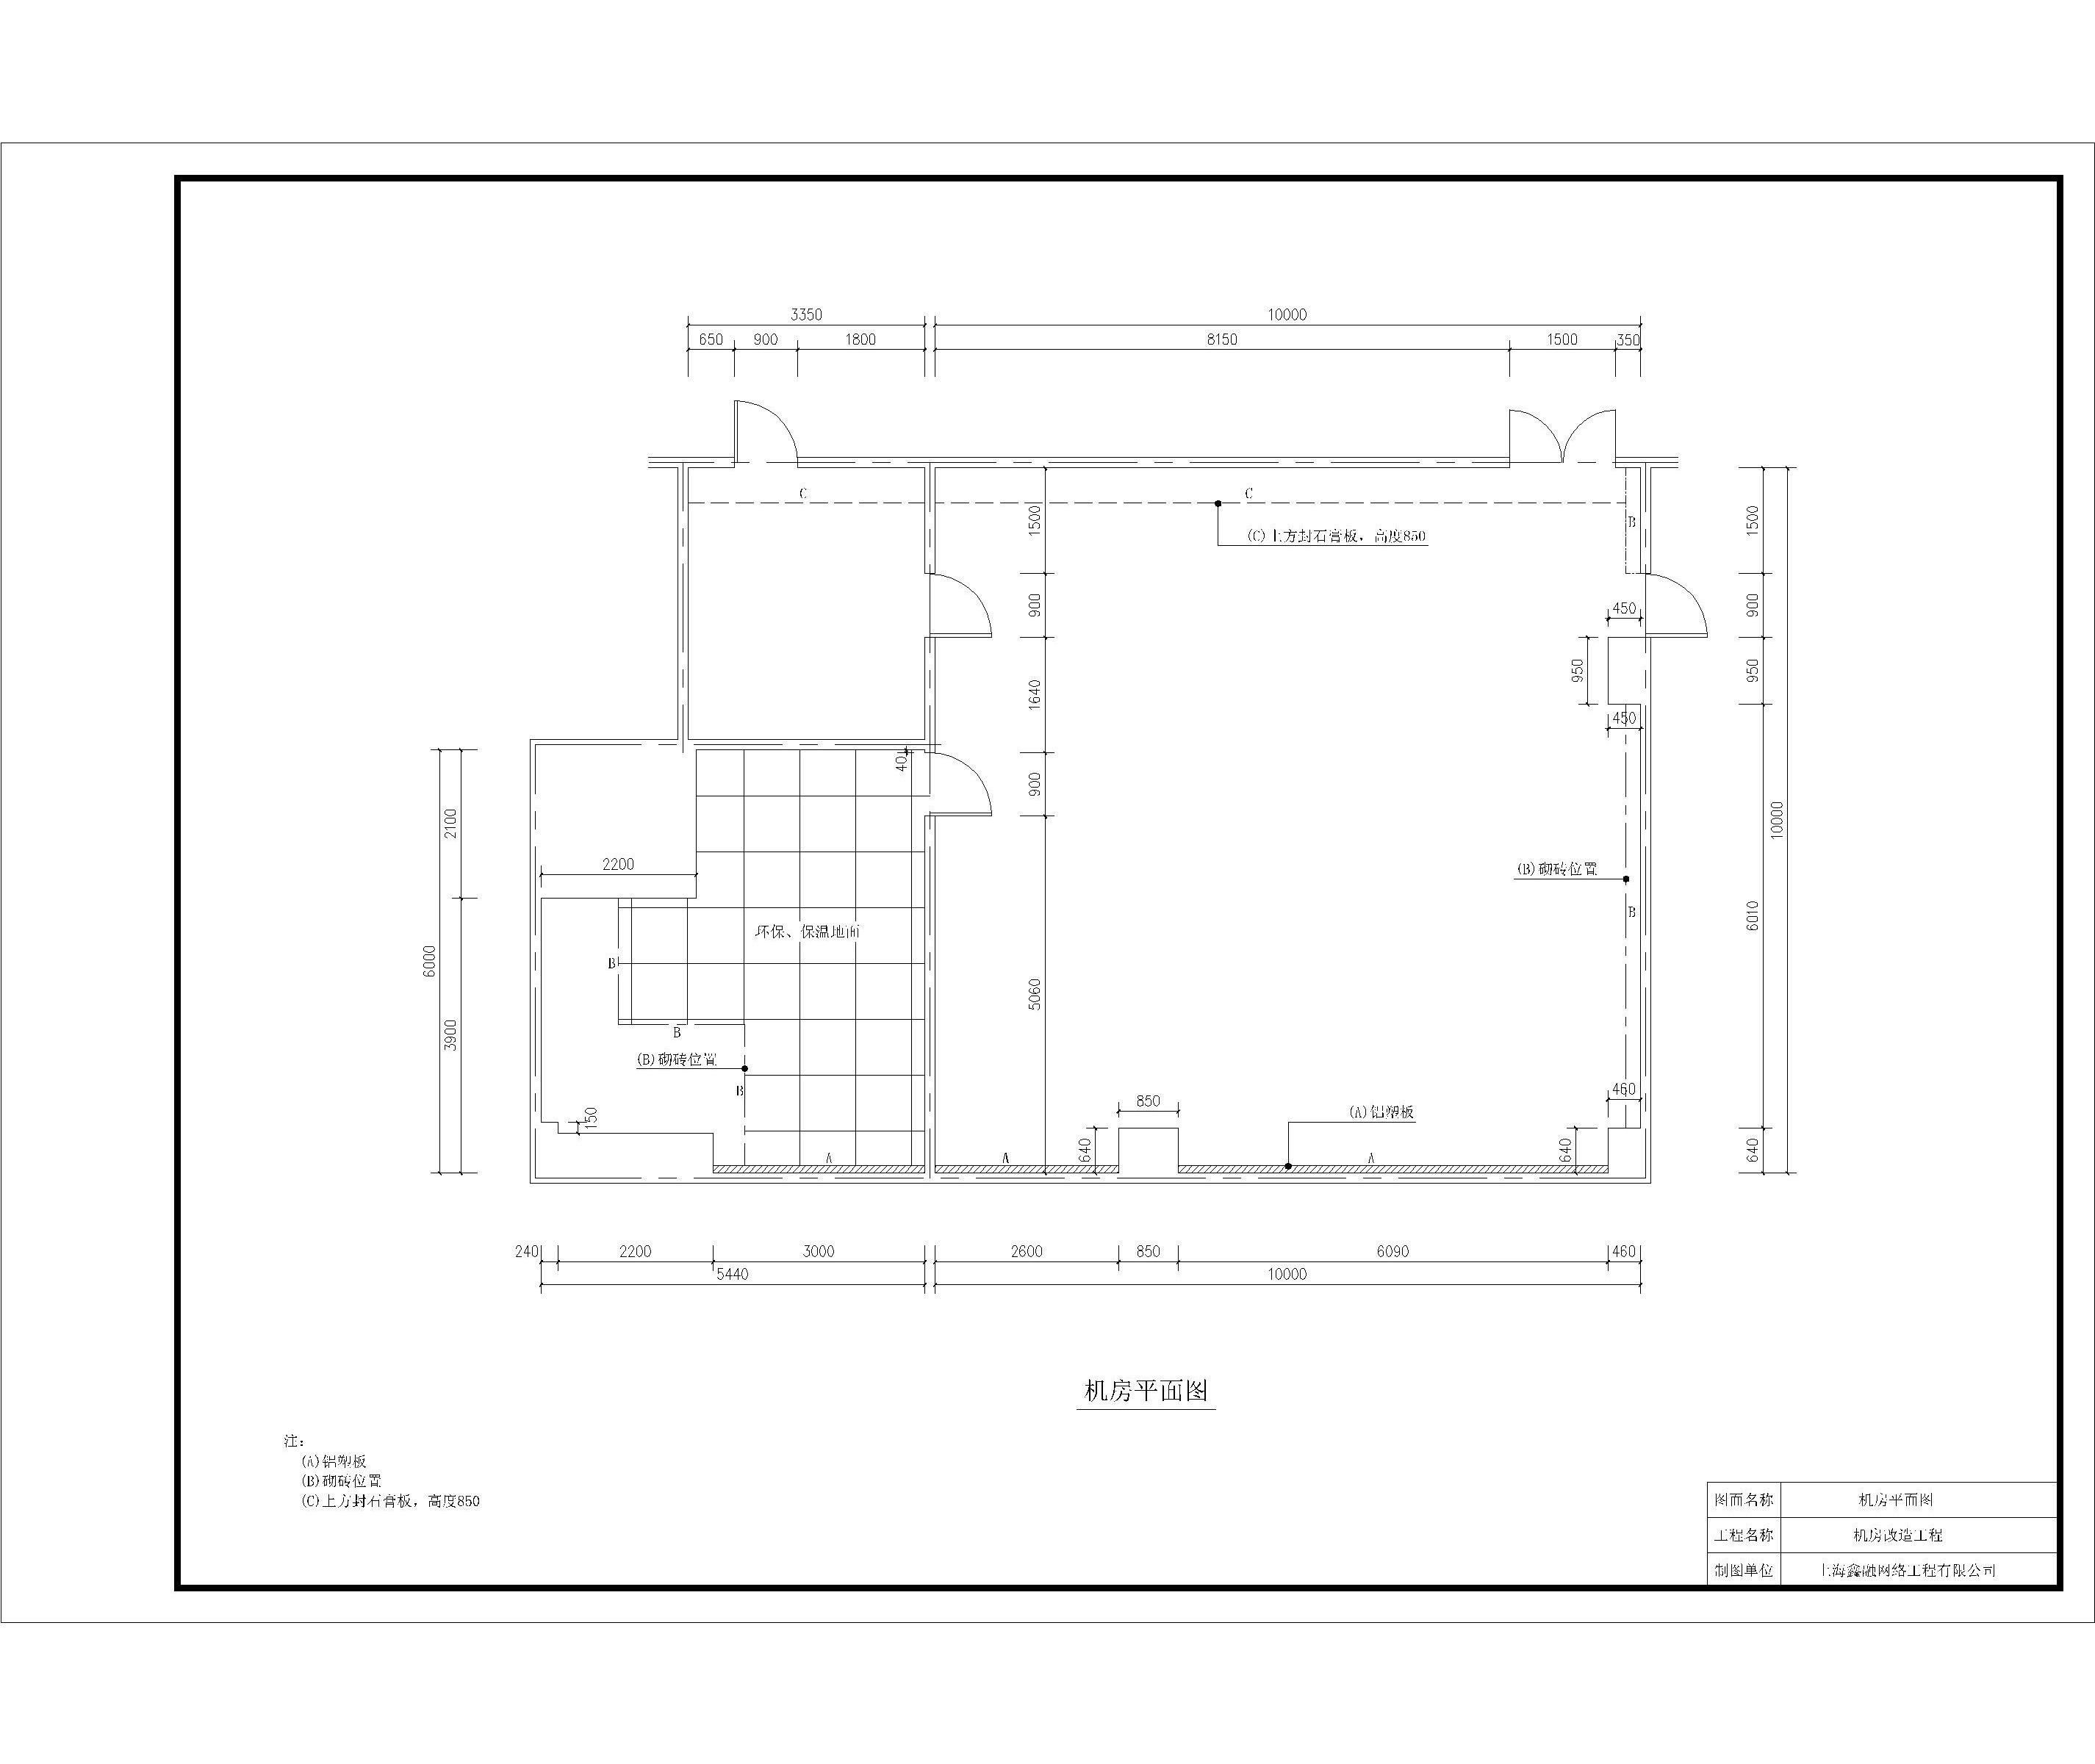 制作CAD图纸_100元_K68威客水彩a1任务图纸排版设计图片